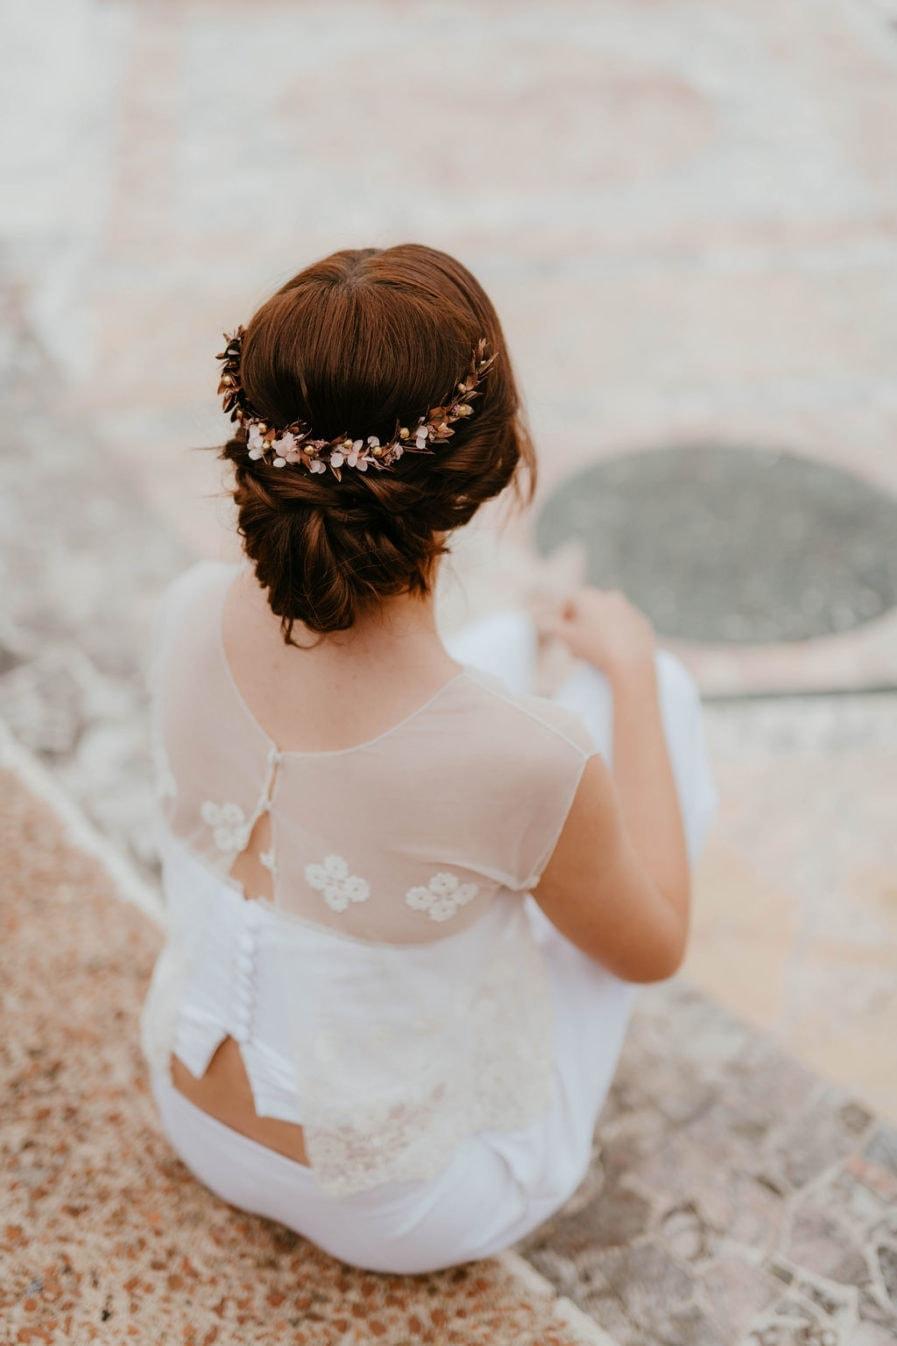 Peigne de mariée Phyra long - Les Fleurs Dupont - Anaïs Nannini Photo